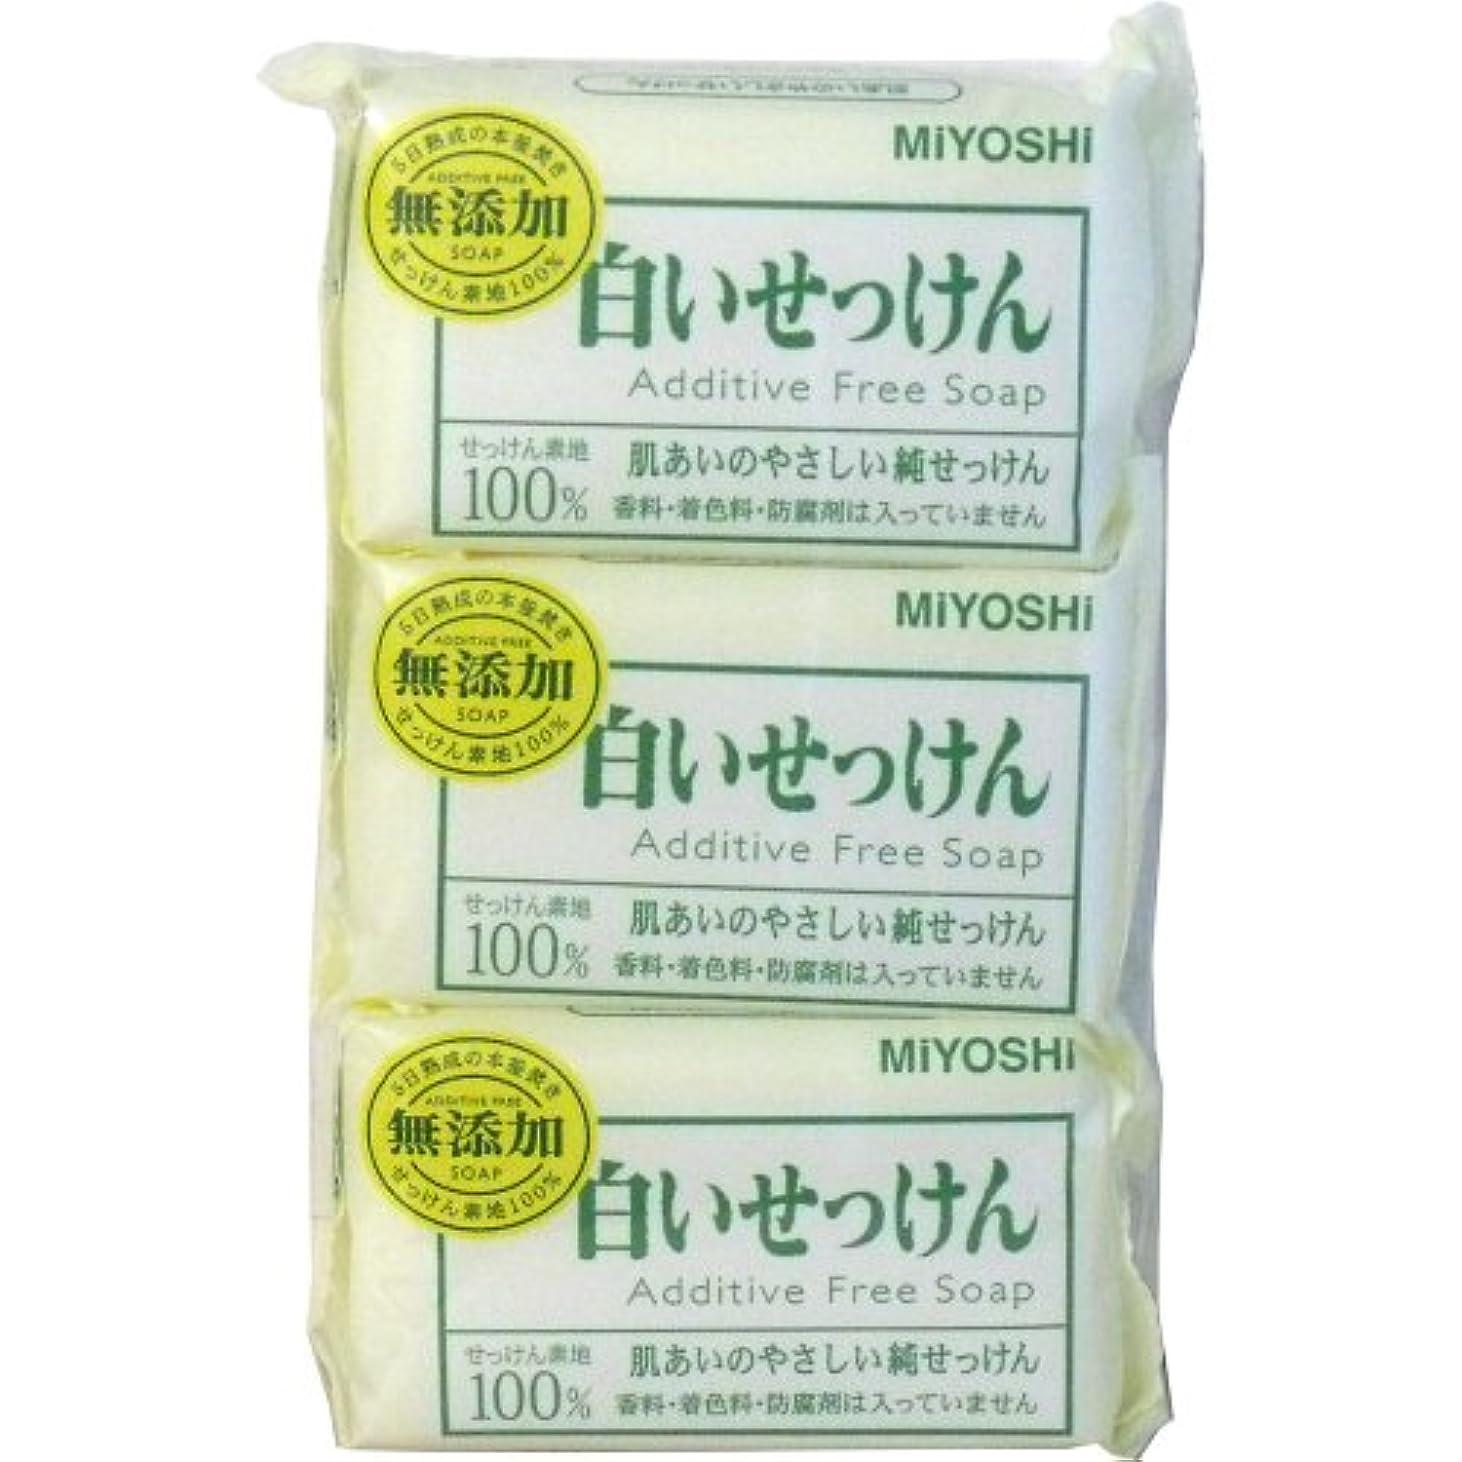 シダ勧告の面ではミヨシ 無添加 白いせっけん 108g×3個 ×3個セット